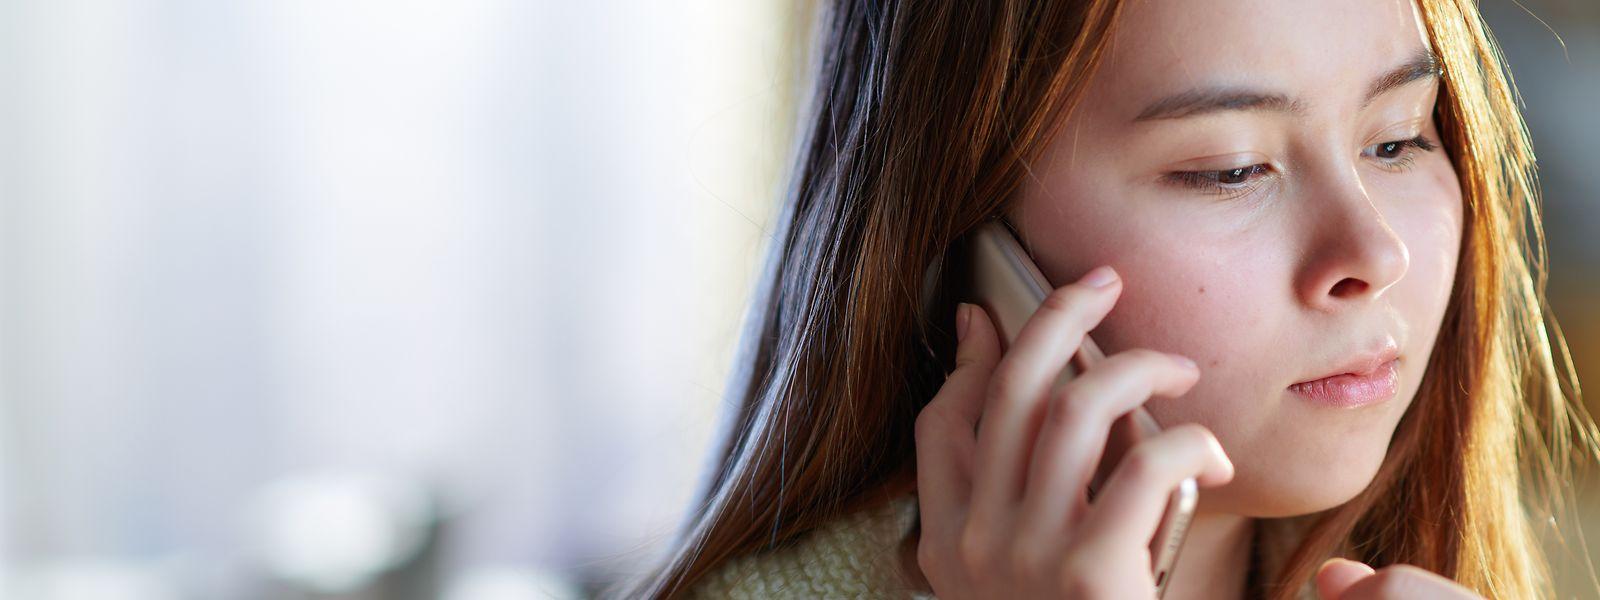 Les étudiants en souffrance psychique peuvent recevoir une aide psychologique par mail, par téléphone ou en visioconférence.